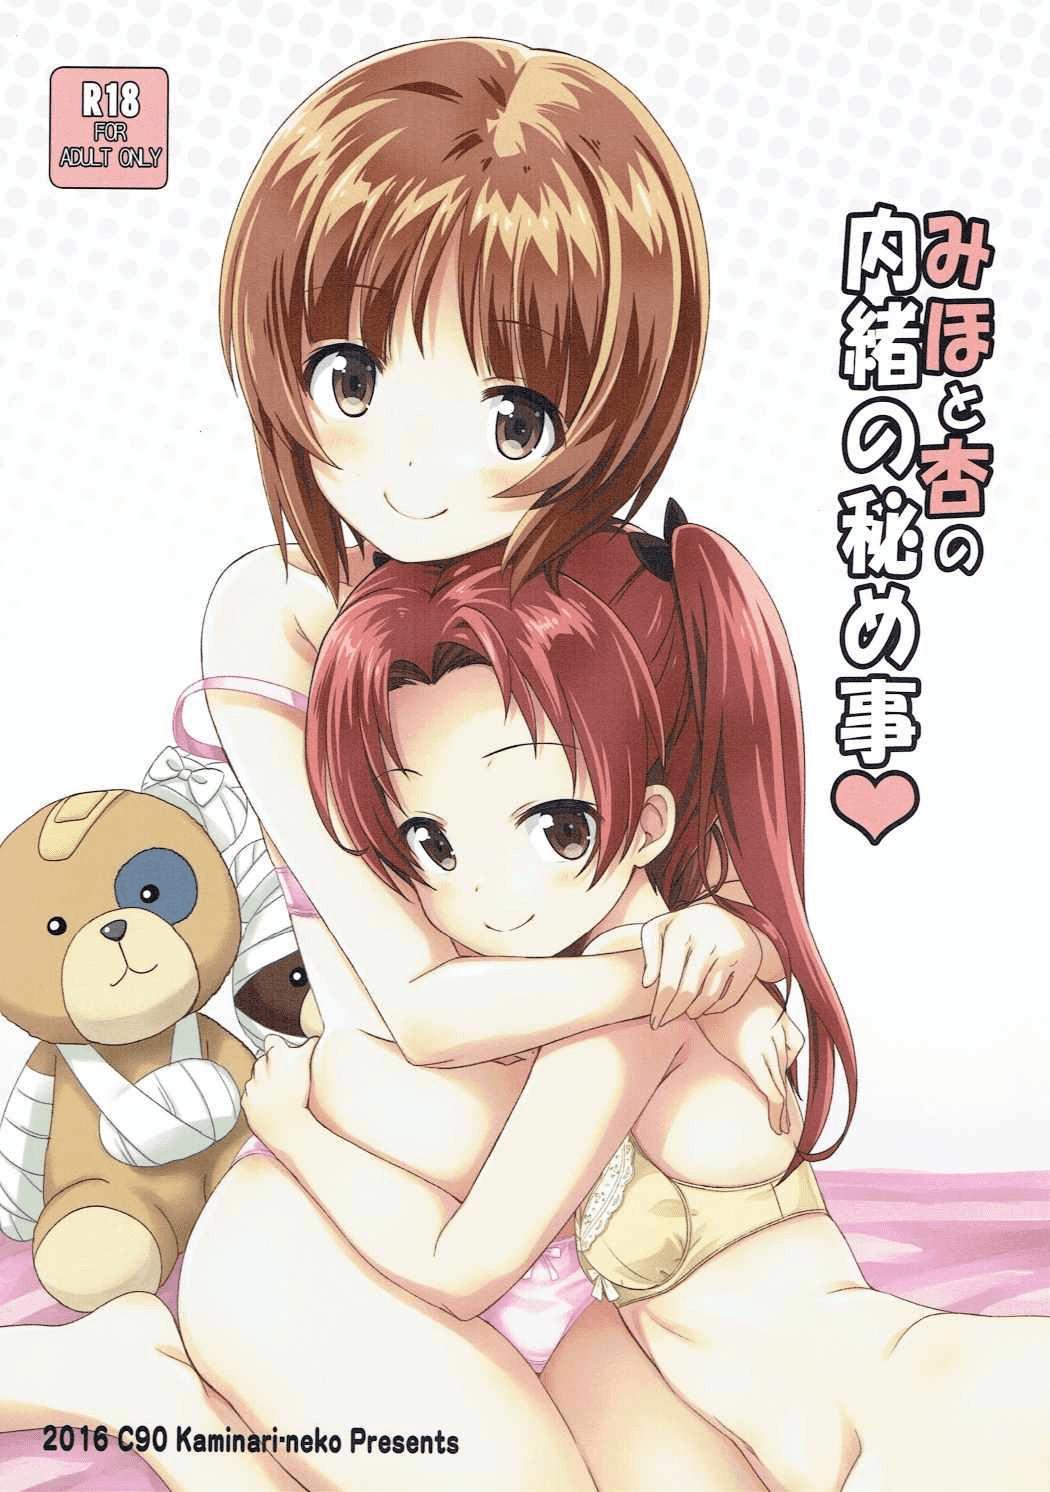 Miho to Anzu no Naisho no Himegoto 0